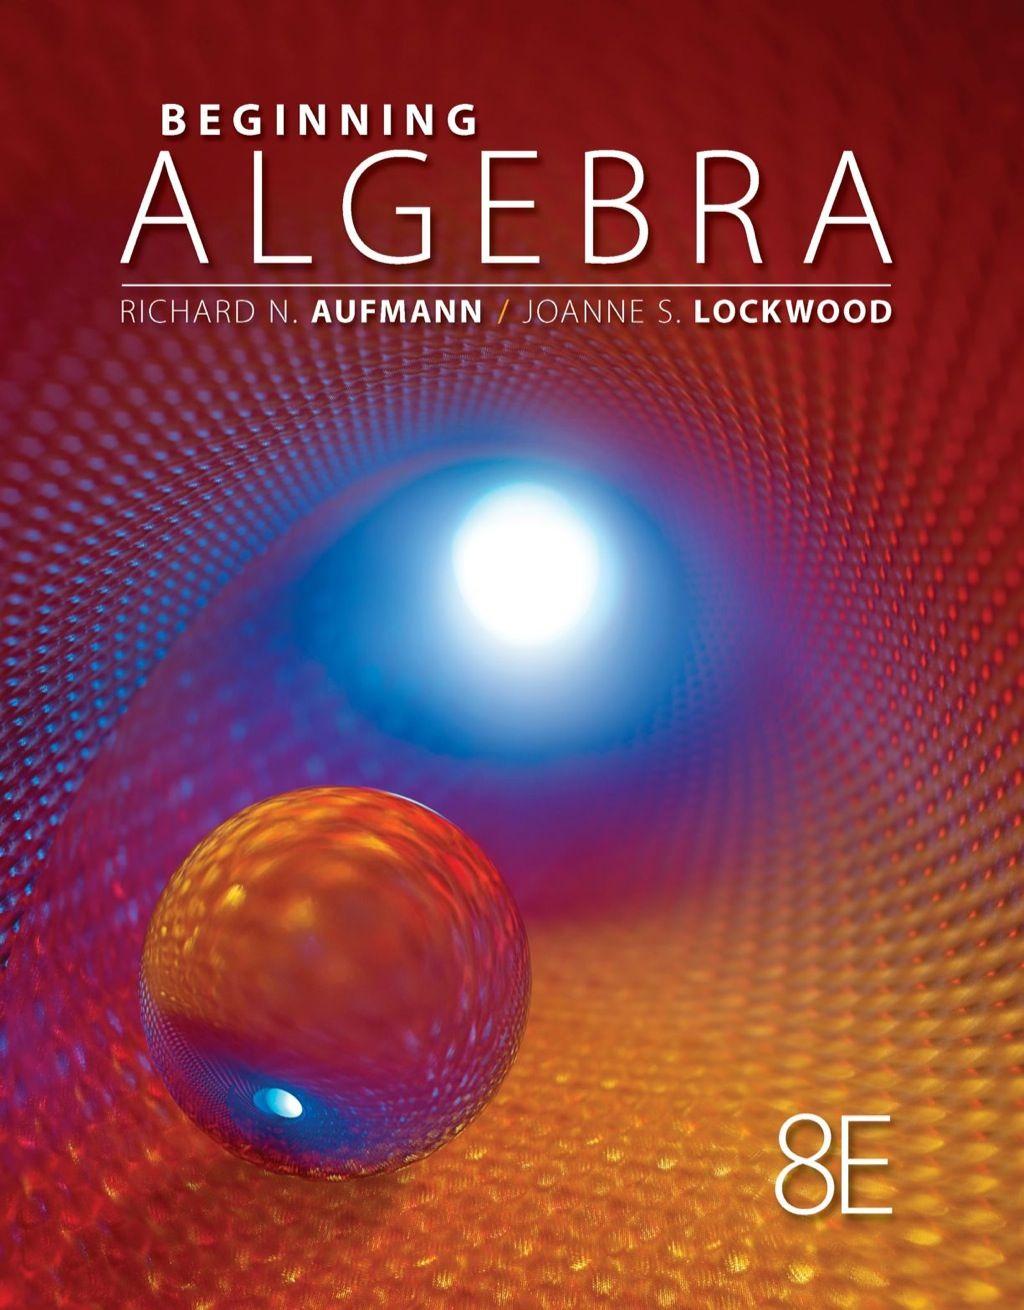 Beginning Algebra Ebook Rental In